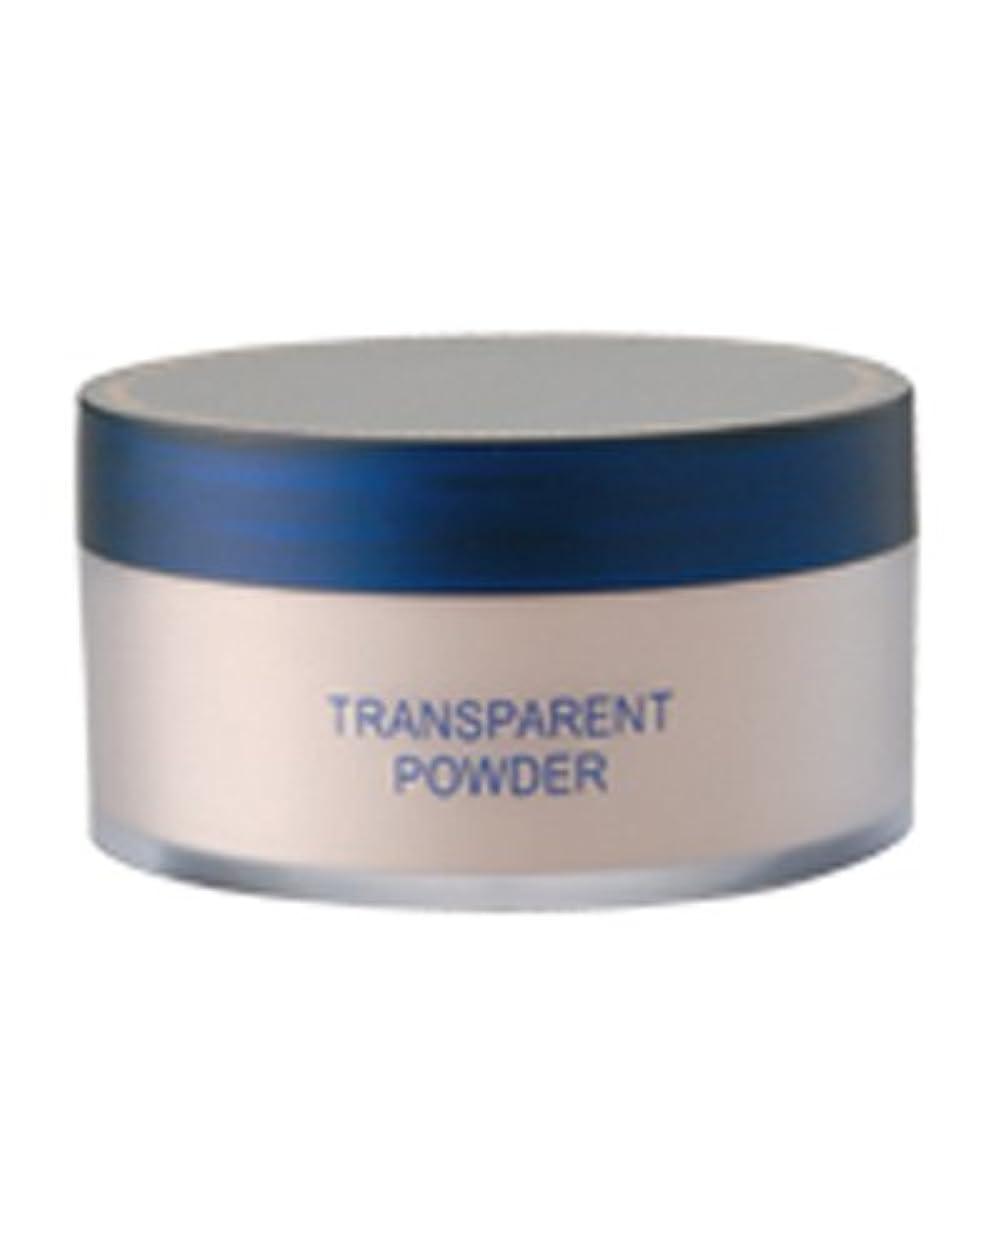 自由でるみなすトランスパラントパウダー 30g (粉おしろい パフ付)